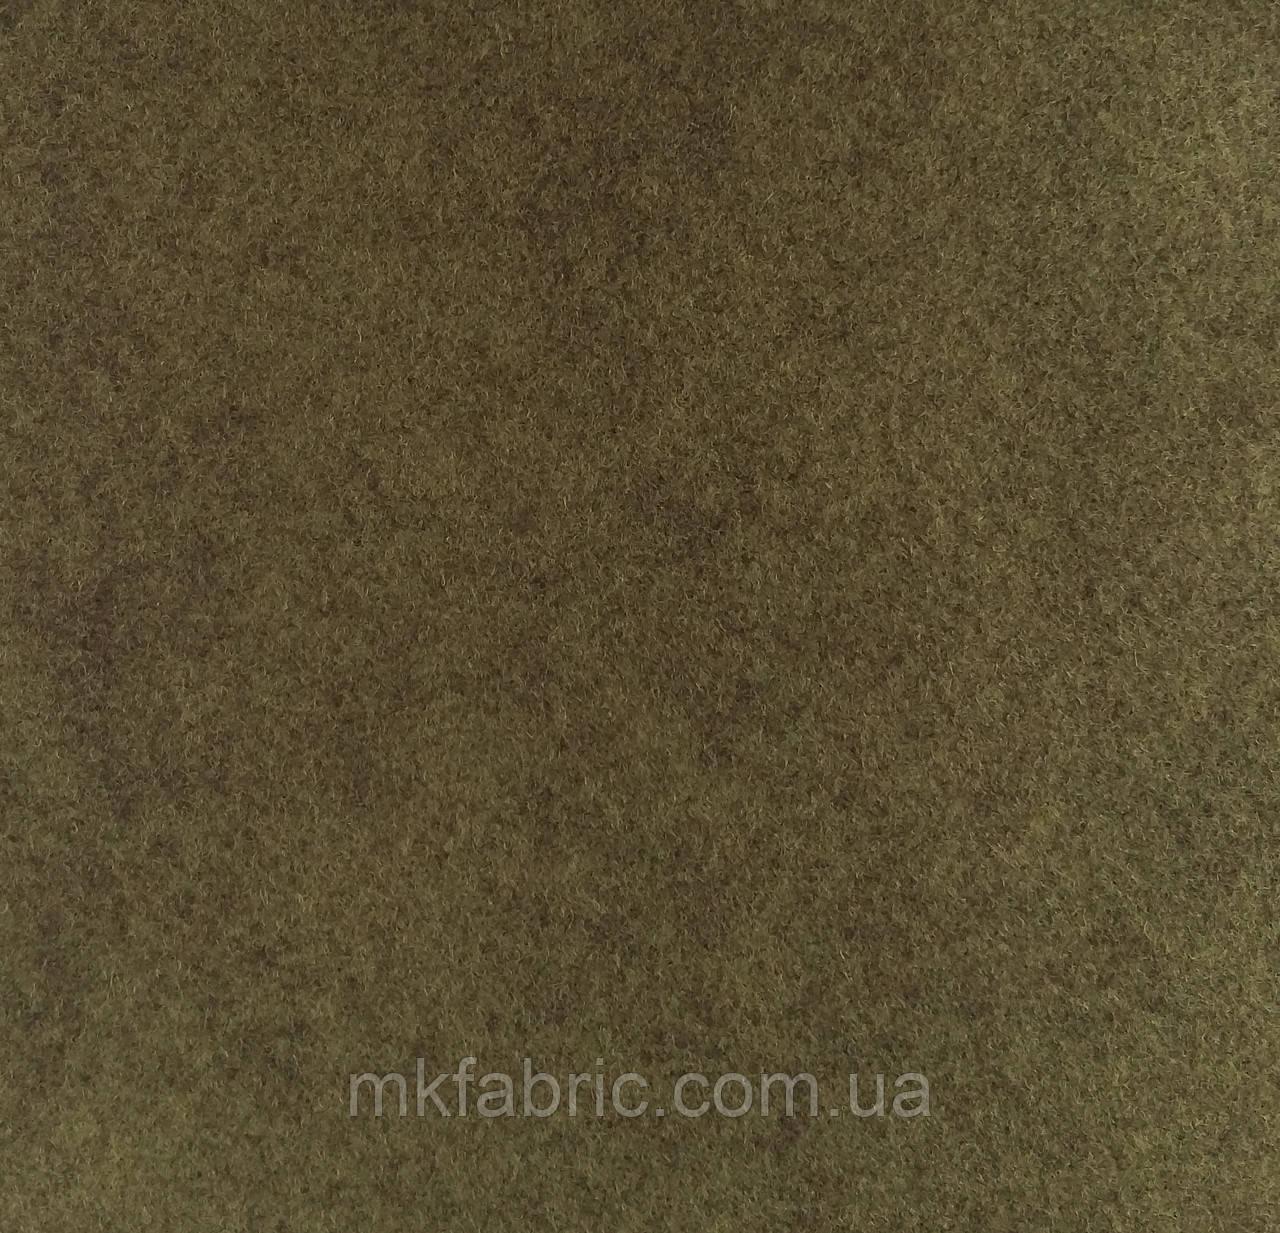 КАМУФЛЯЖ Фетр американский Мягкий толщина 1,3 мм